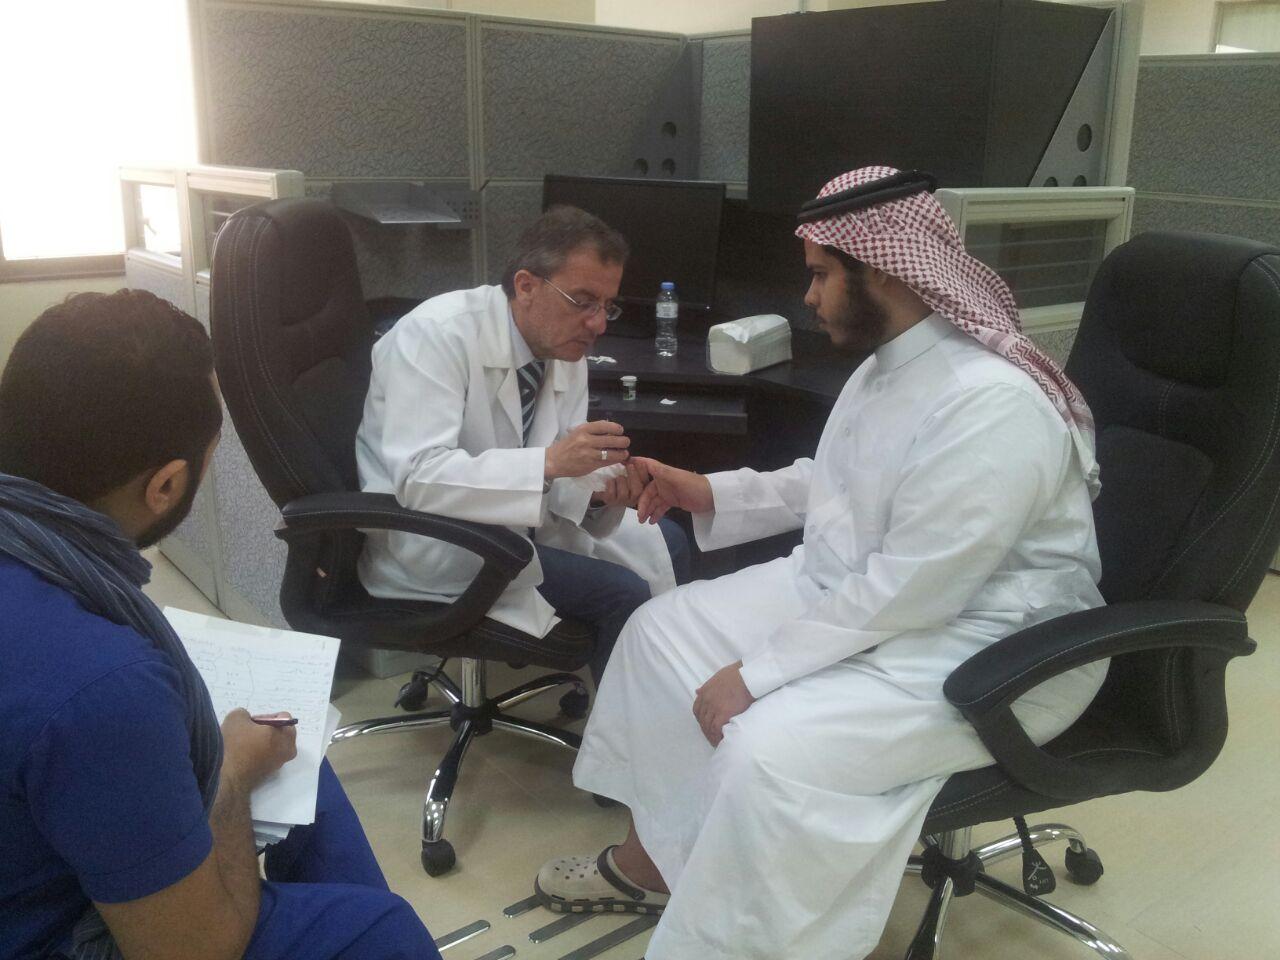 مركز ذوي الاعاقة ينظم برنامج توعوي عن مرض السكر